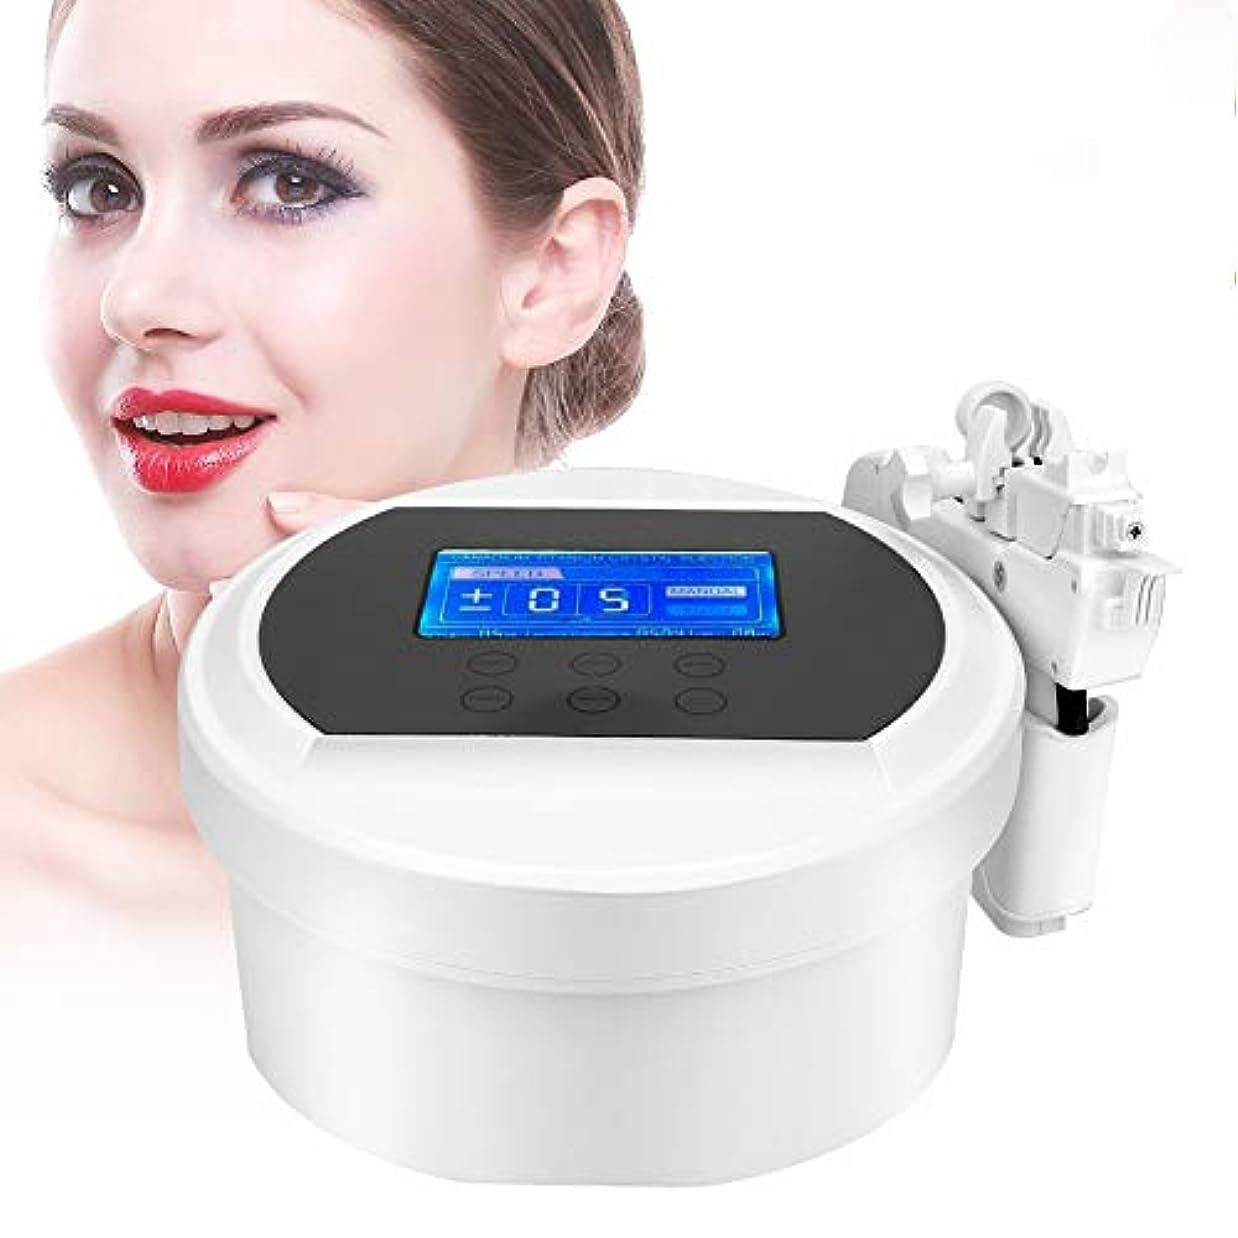 カイウス根絶するのスコアバナジウム チタンメソセラピーガンマシン フェイシャルストレッチング ホワイトニング ハイドレーション 美容デバイス(01)